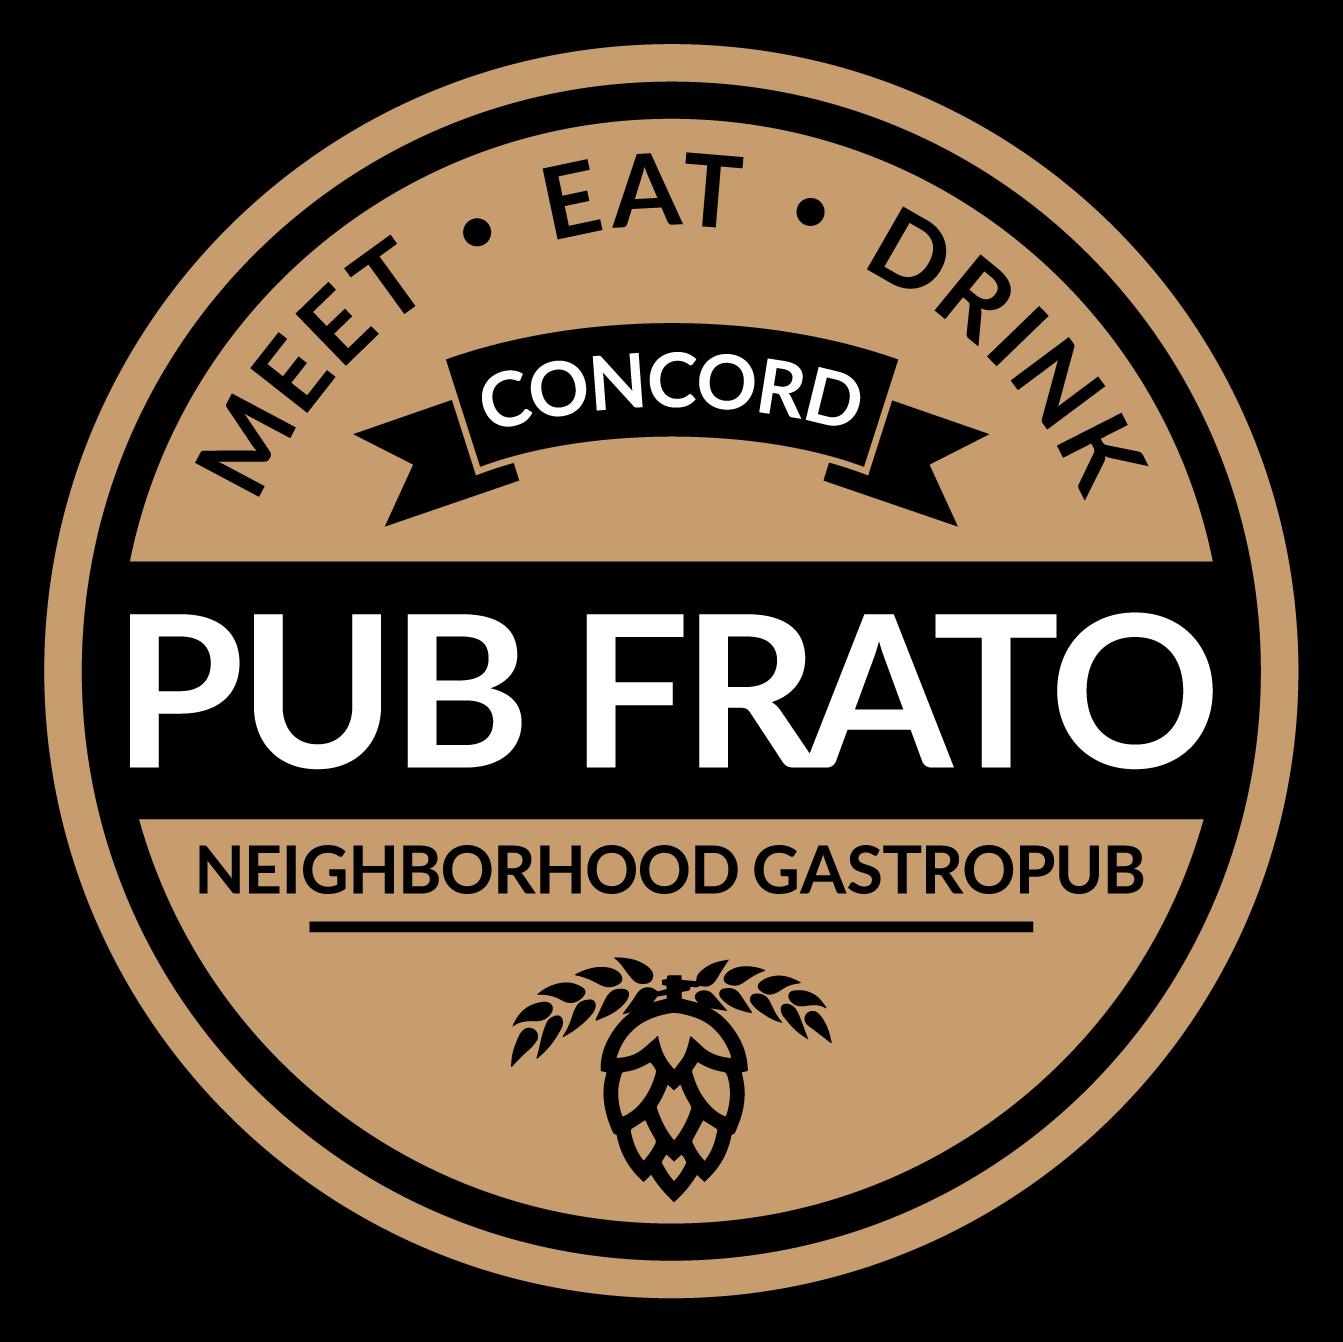 Pub Frato Concord